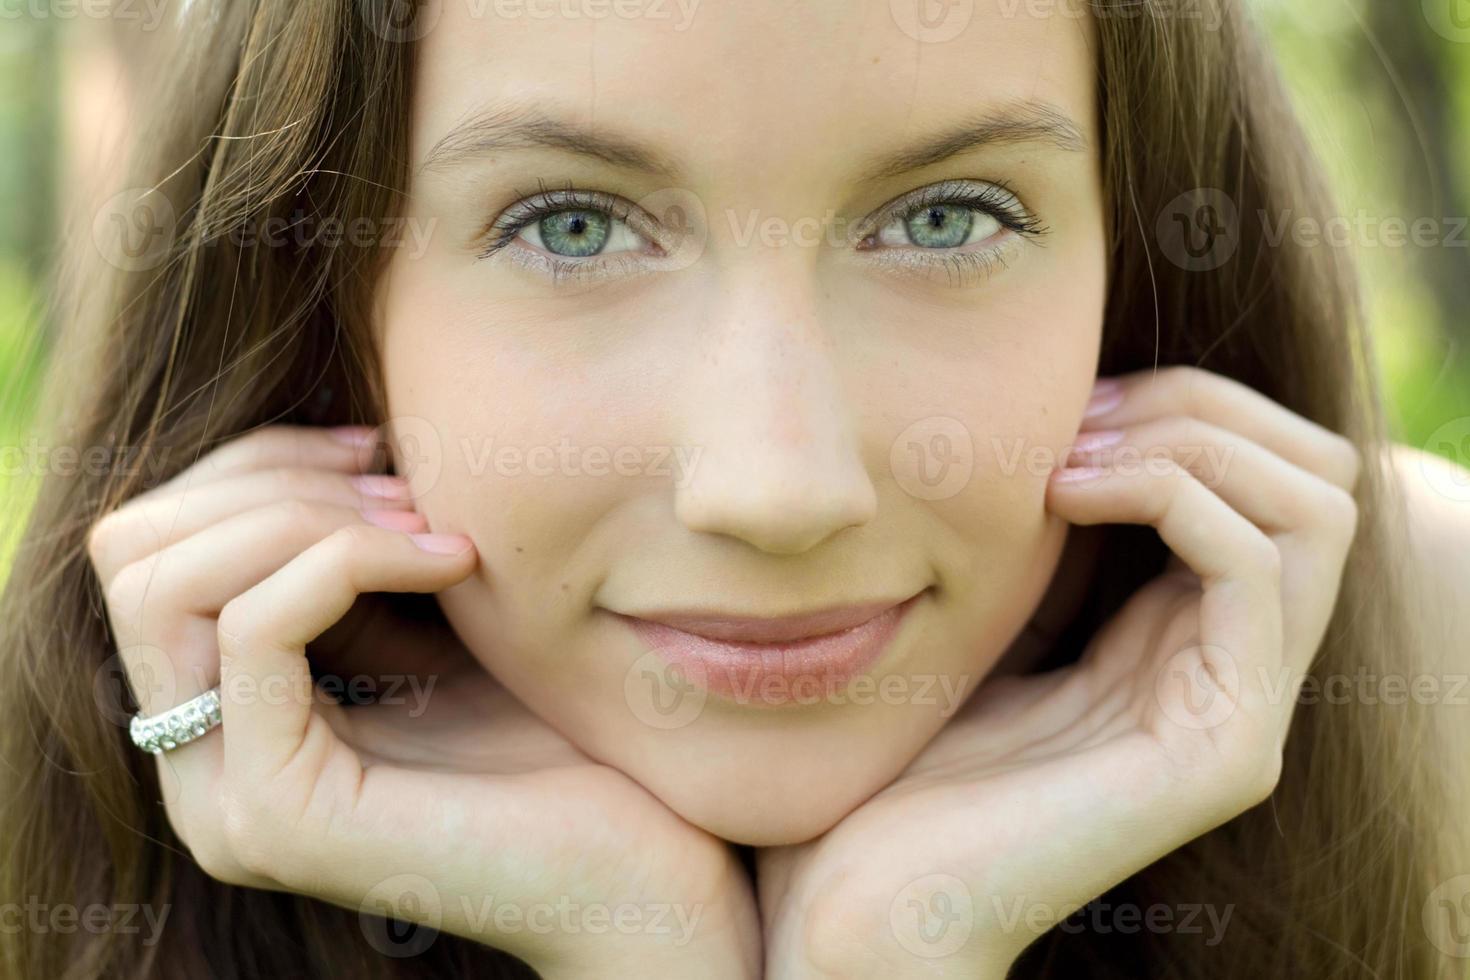 ung vacker tonåring närbild porträtt foto